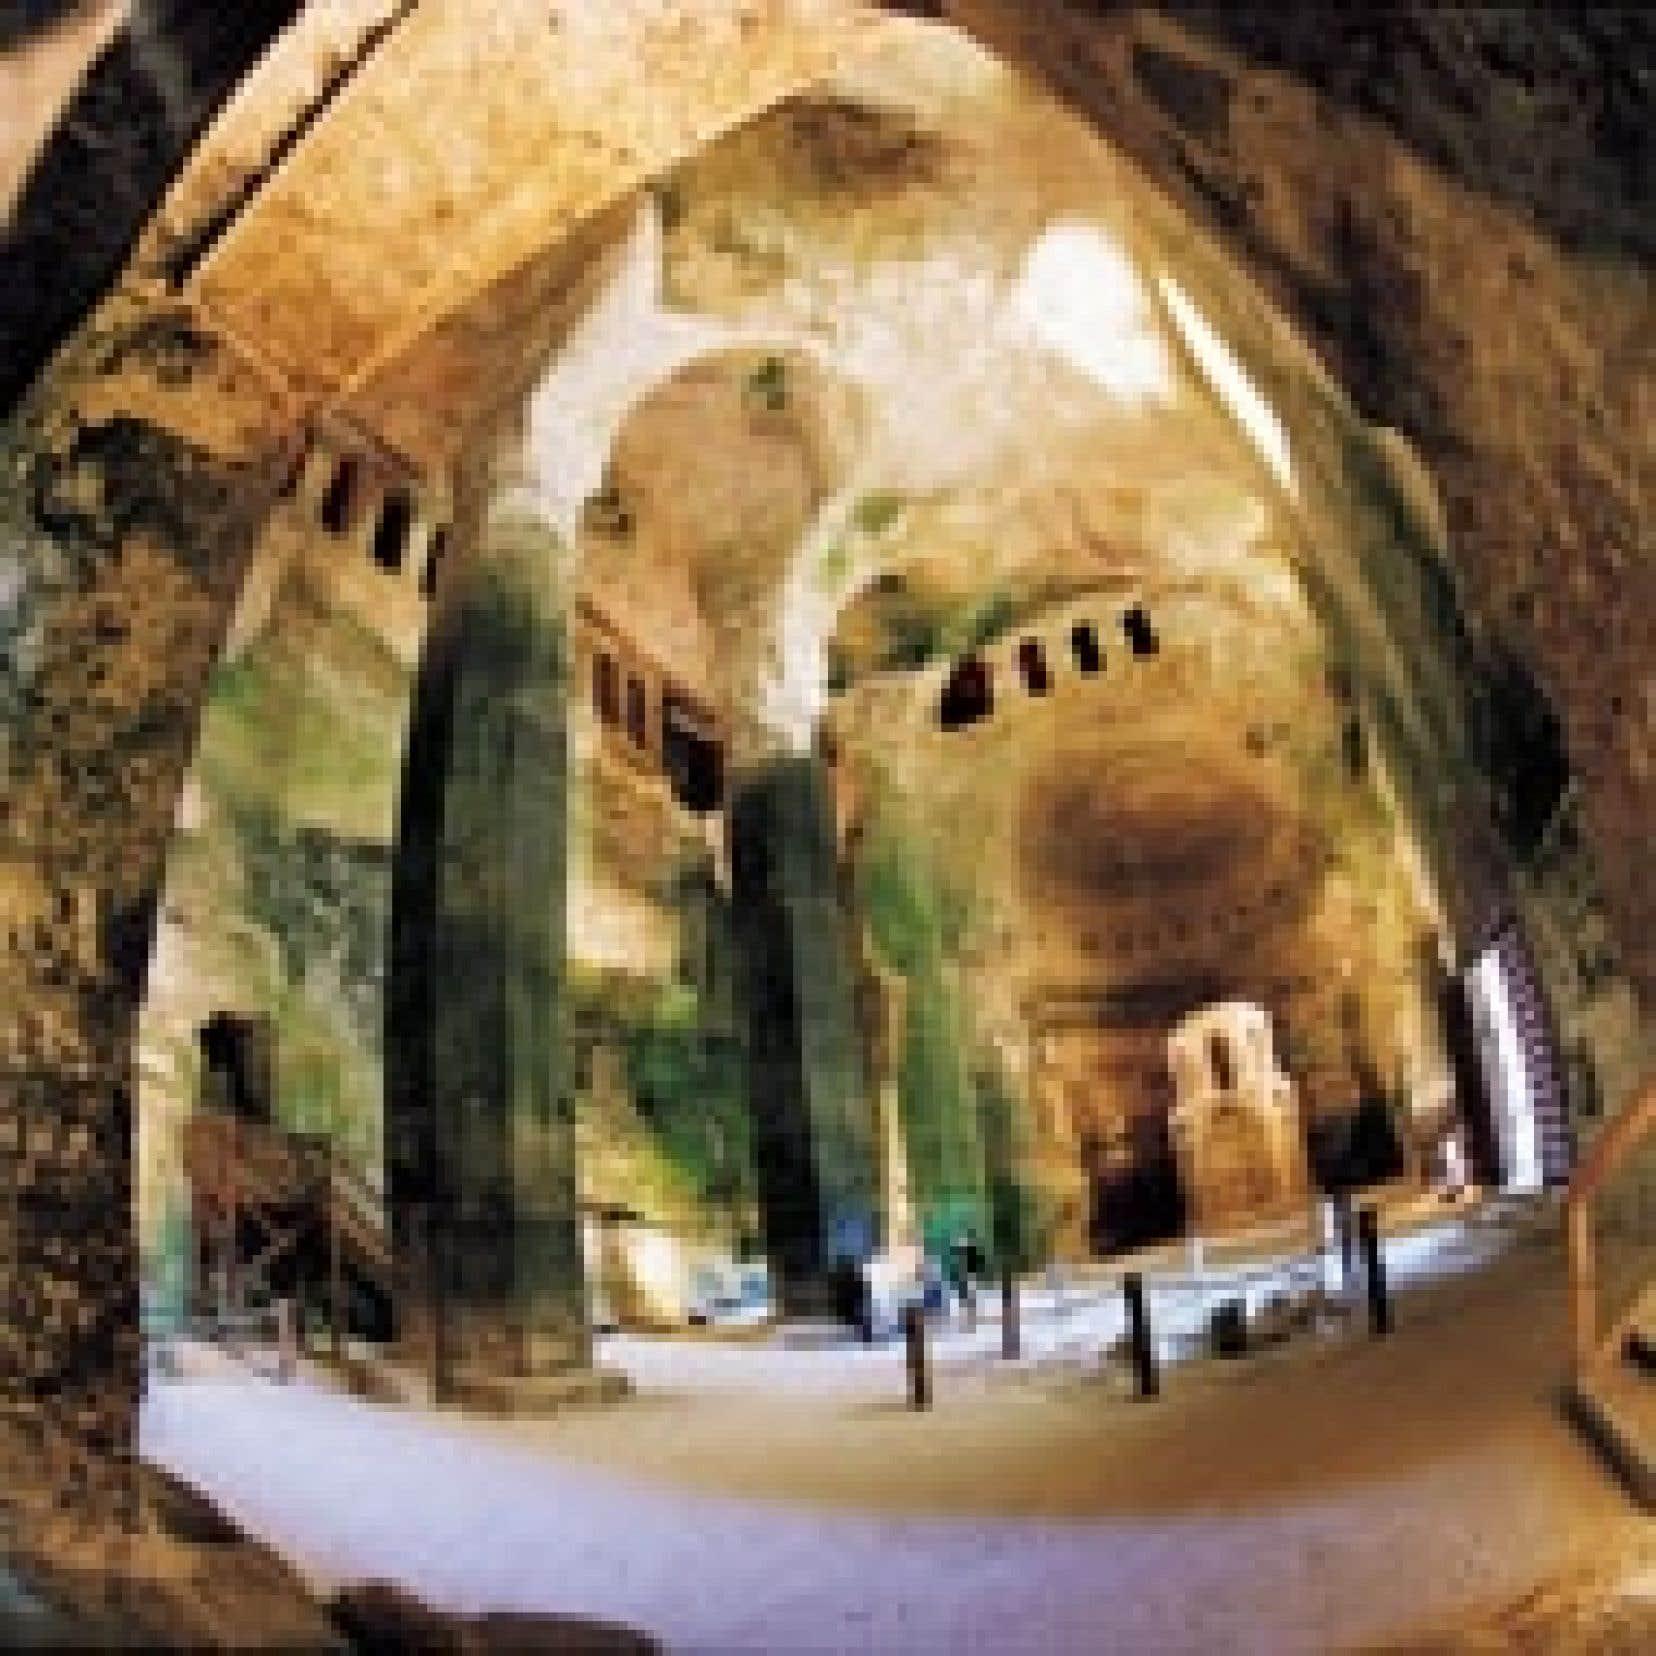 L'église souterraine Saint-Jean, la plus grande d'Europe. Difficile de rester indifférent à cette incarnation verticale de la ferveur et de la foi, à ce témoin de l'histoire et de divers cultes. Ici, le temps prend d'autres sens. Source: Le